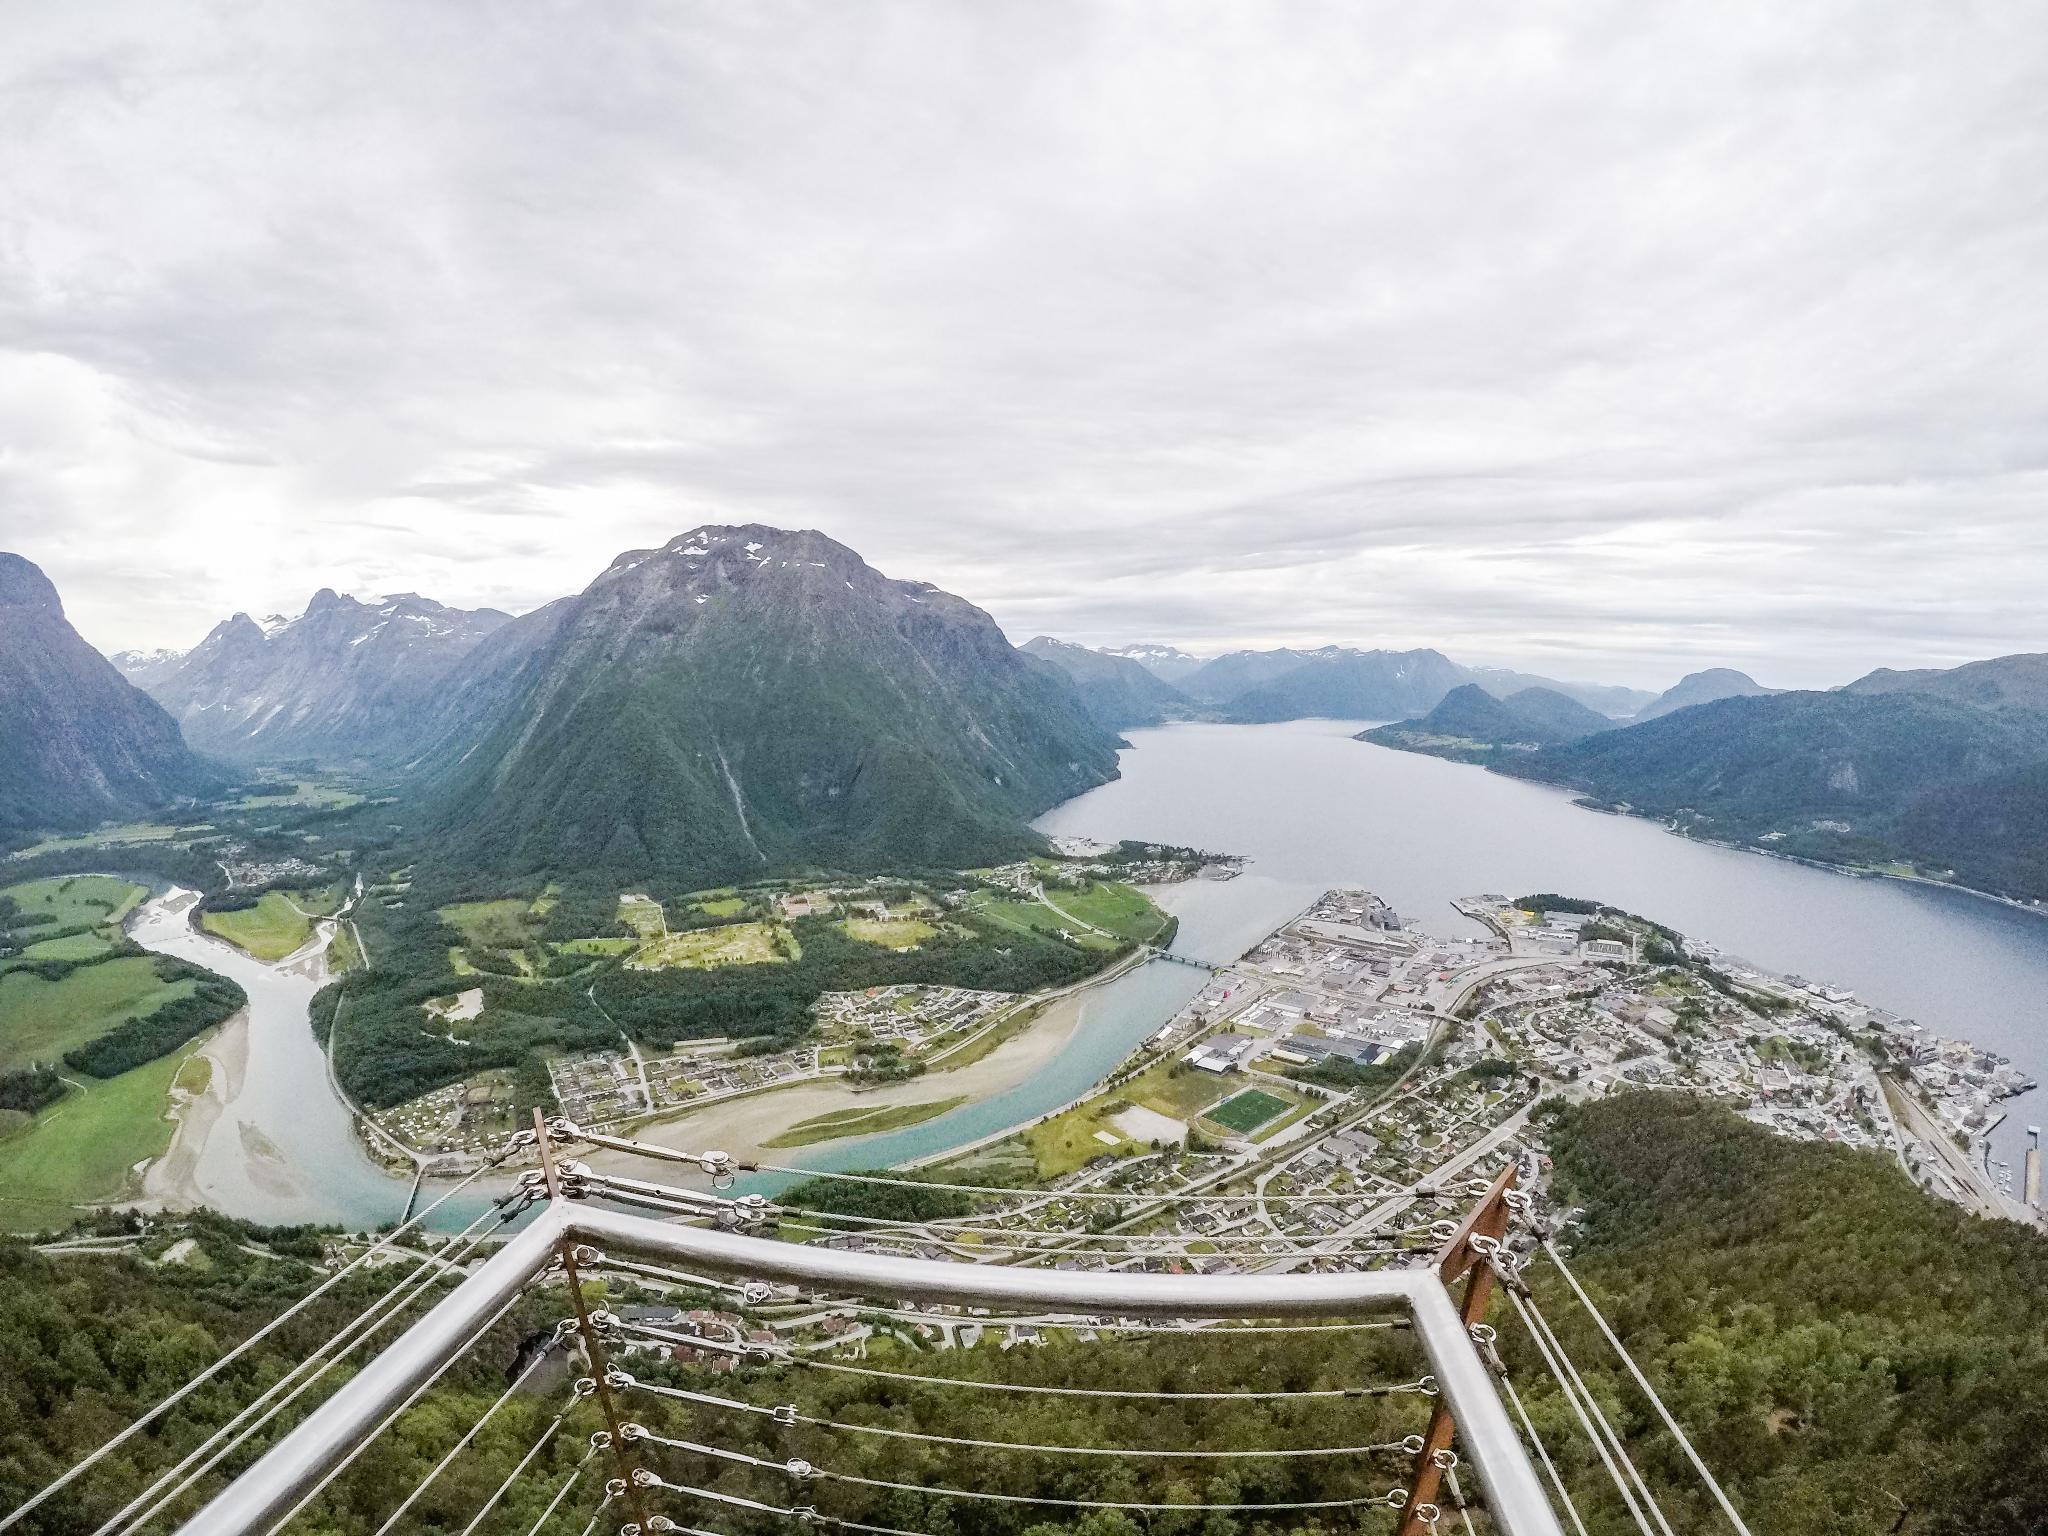 【北歐景點】峽灣區起點Åndalsnes健行 - 鳥瞰峽灣全景的Rampestreken觀景台 23